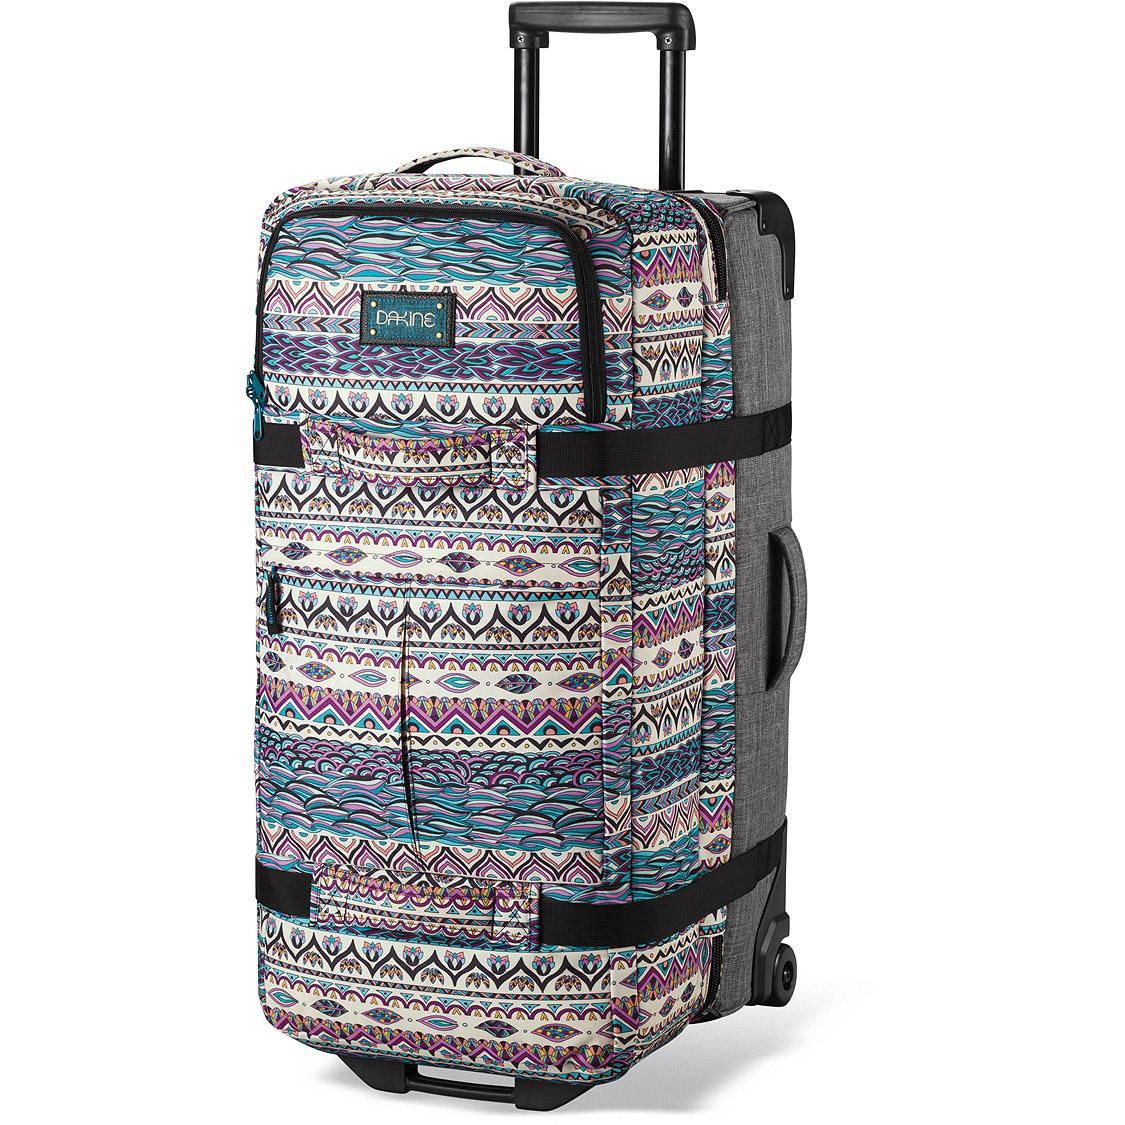 Где купит качественный чемодан для поездок - Форум 2d499748b44